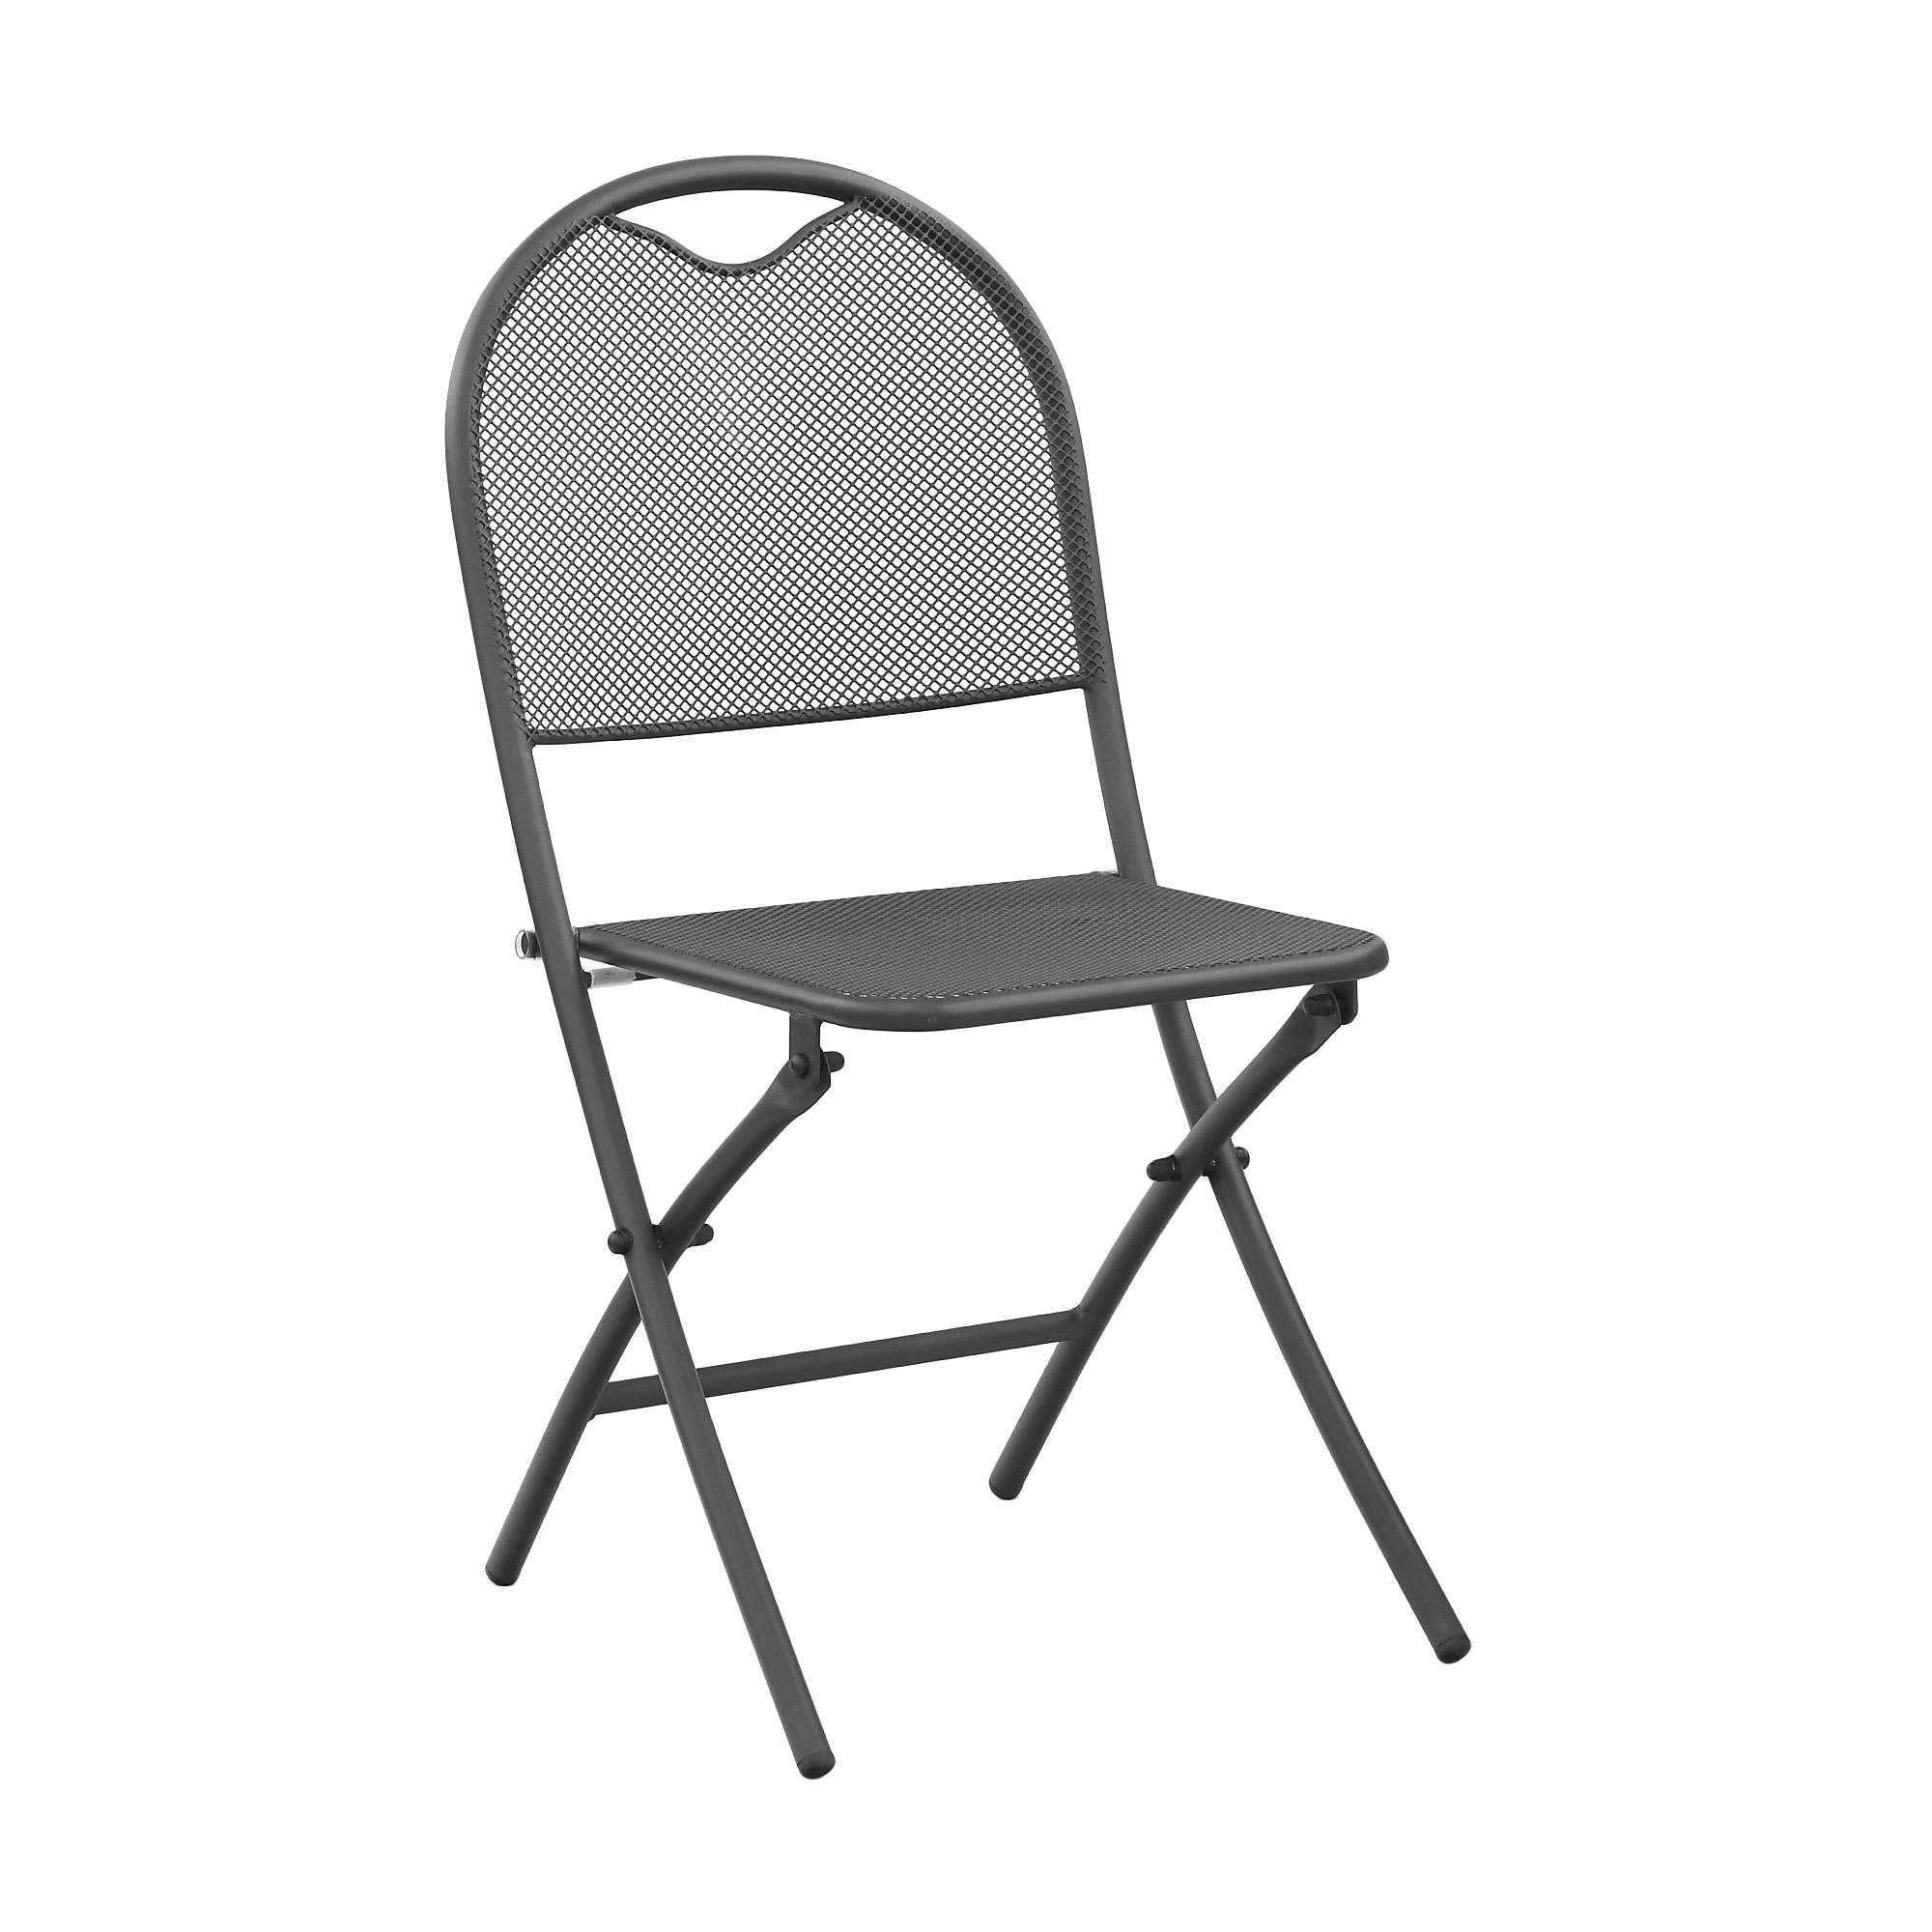 Стул складной Koopman furniture темно-серый 52,5x88x46,5 см